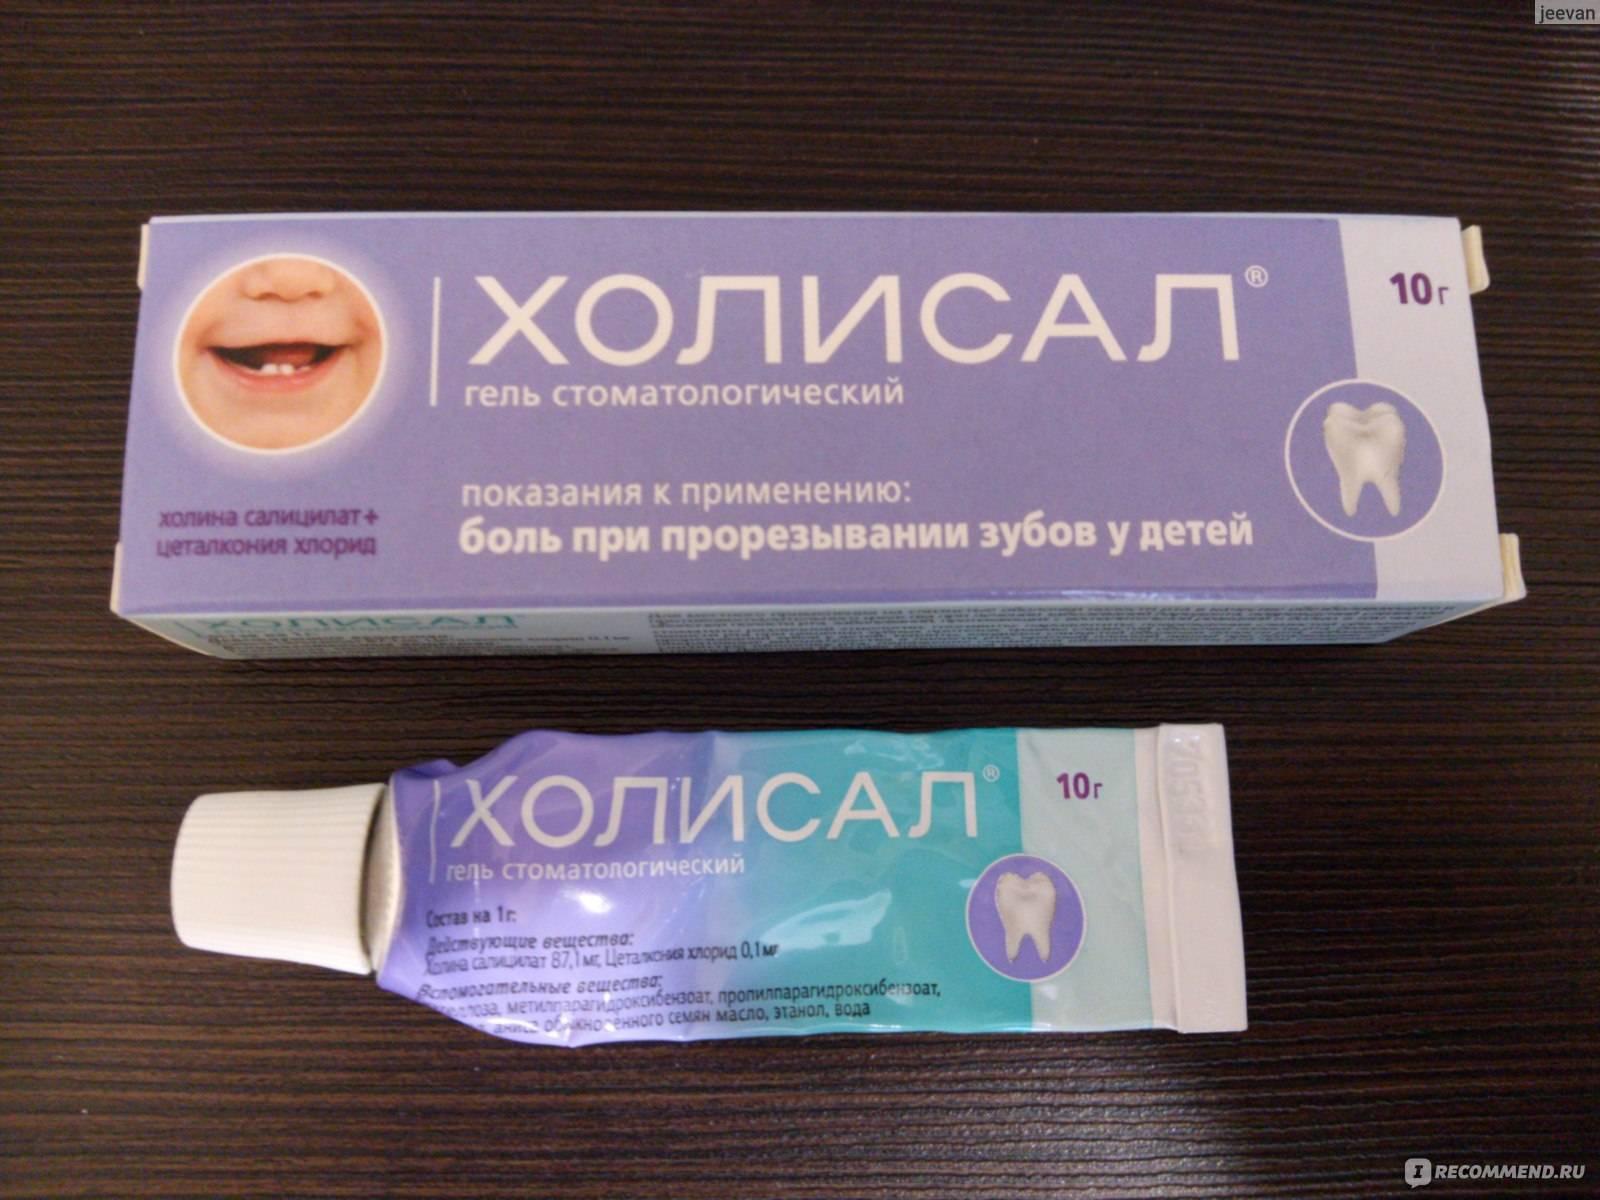 Топ-5 гелей для детей при прорезывании зубов